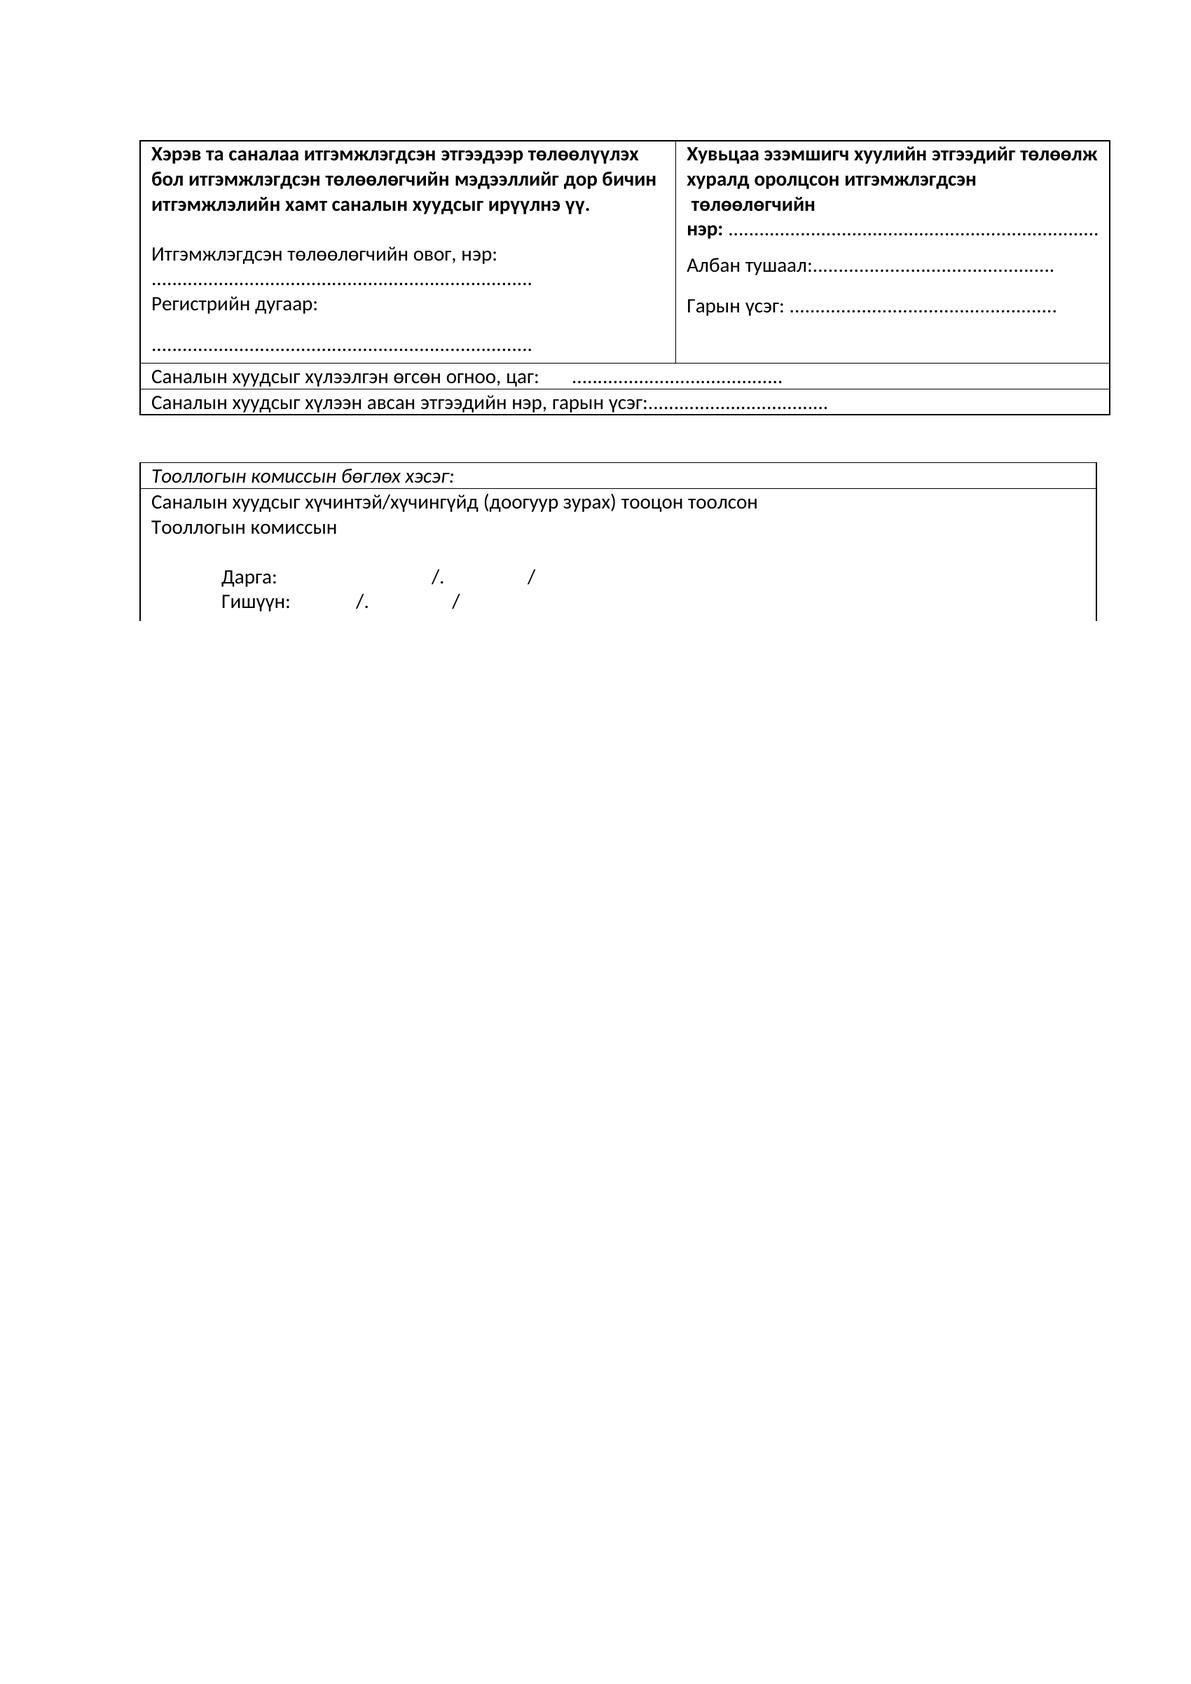 ХЭЭХ-ыг хуралдуулахтай холбоотой багц баримт бичиг -2